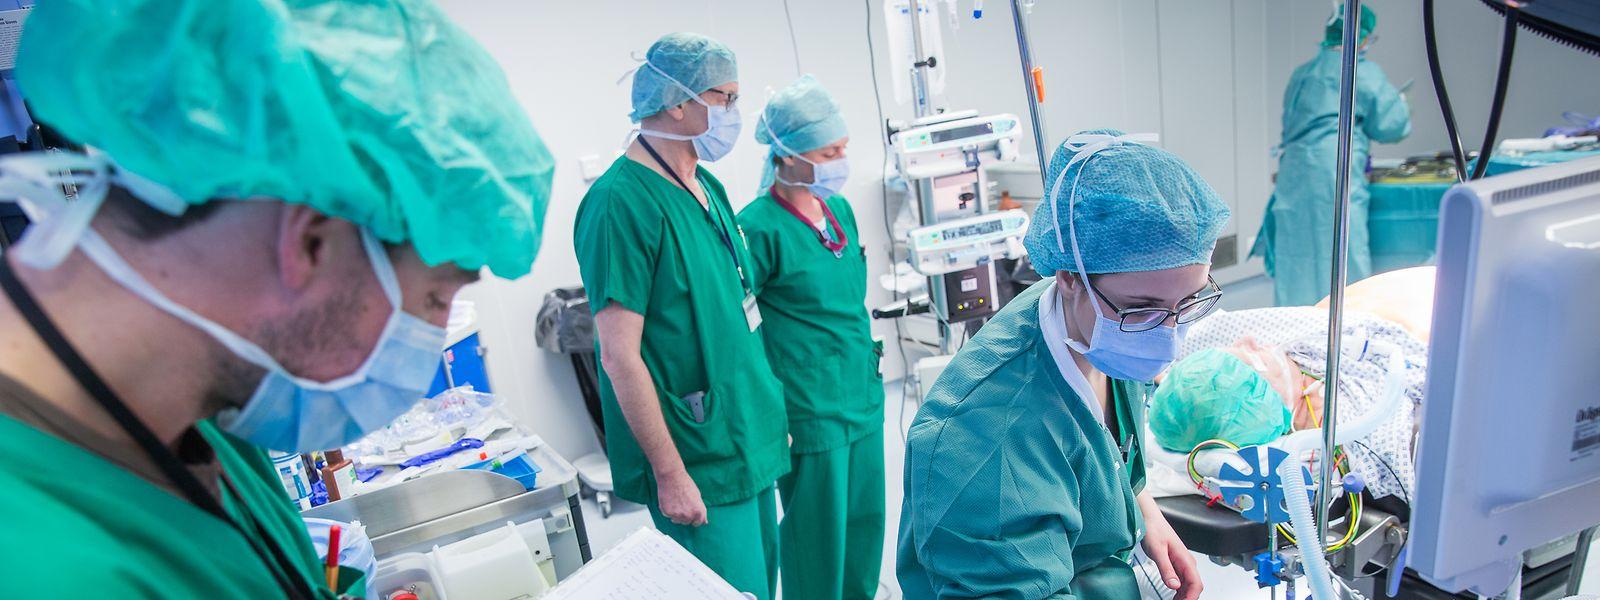 Pour répondre notamment aux nombreux départs en retraite à venir dans les 15 prochaines années, une répartition différente des ressources médicales est préconisée par Marie-Lise Lair.